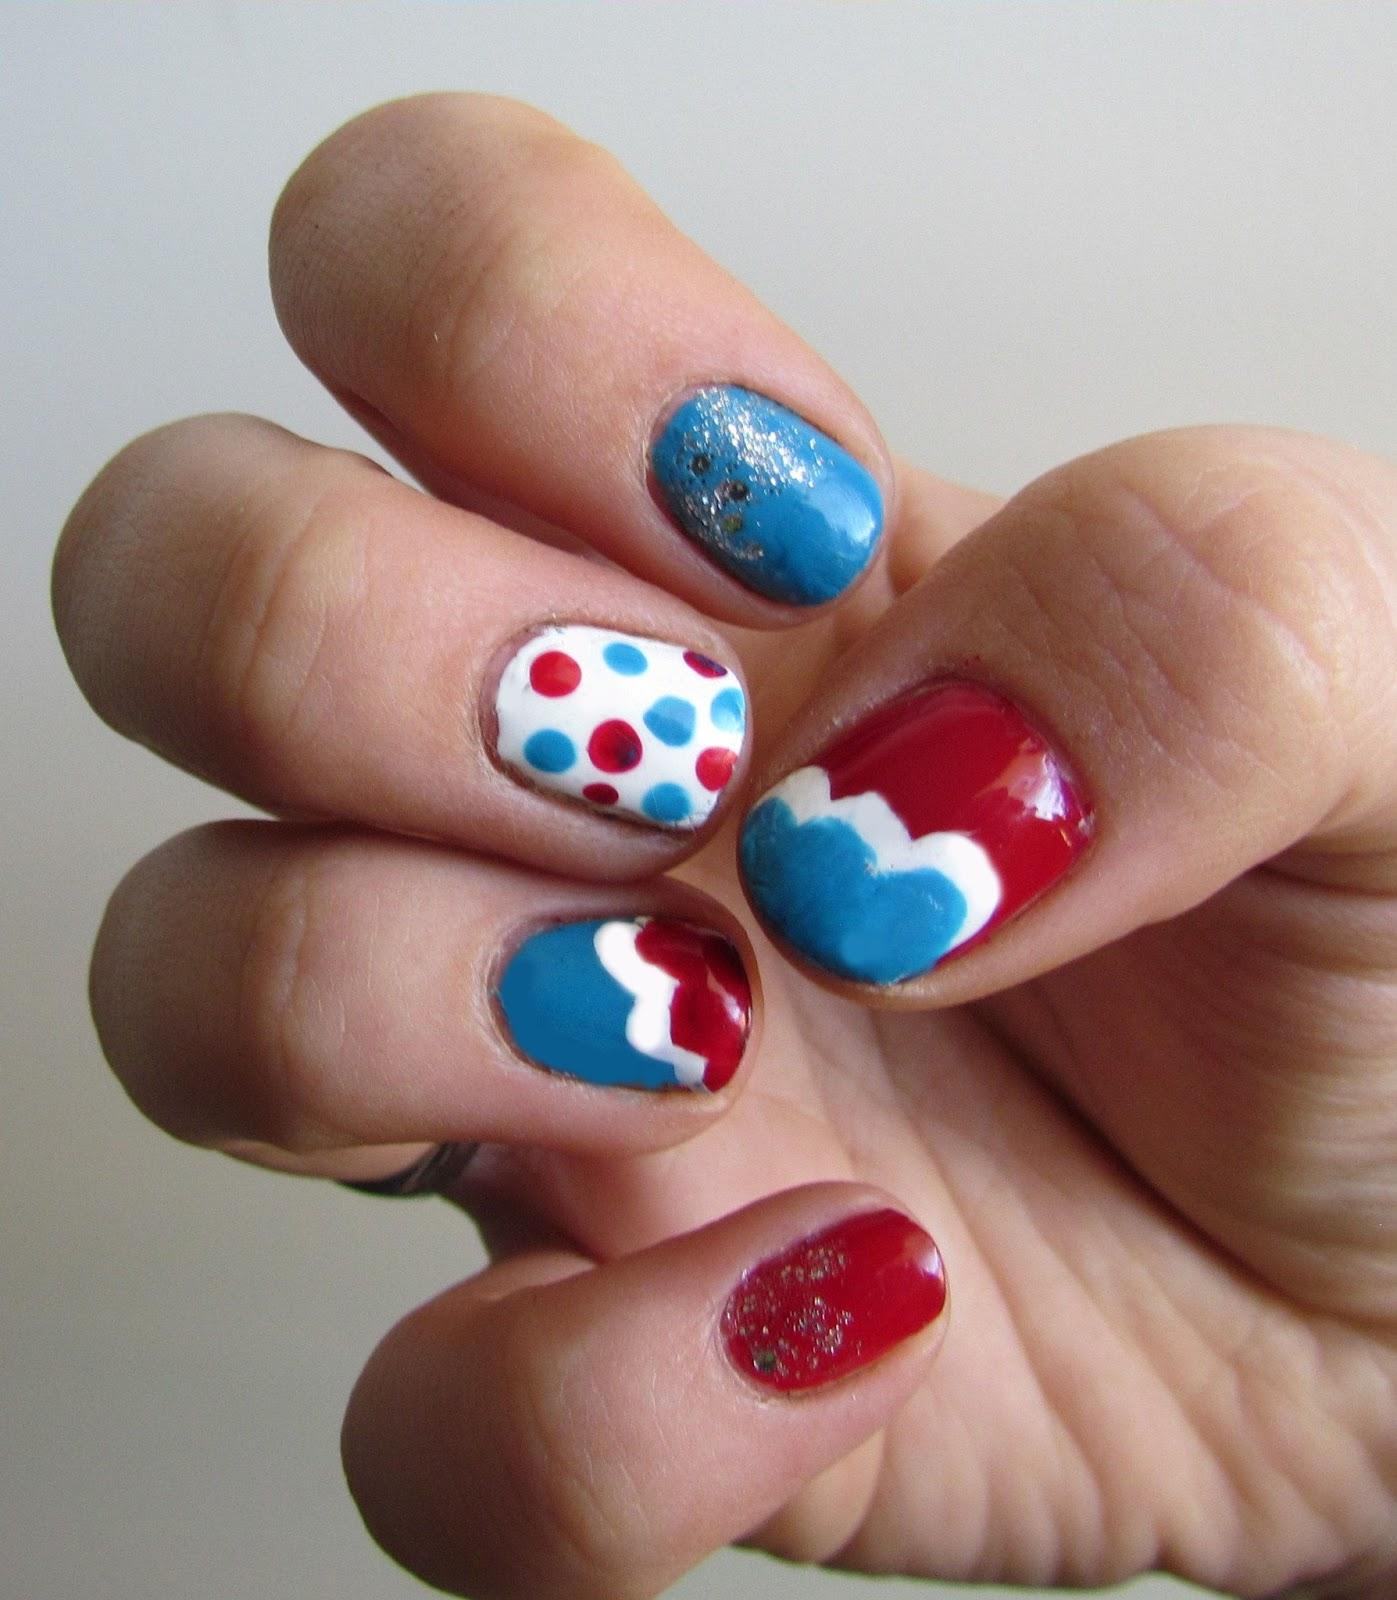 Playful Polishes June Nail Art Challenge Ocean Nails: Karen Loves Nail Polish: 4th Of July Nail Art Challenge